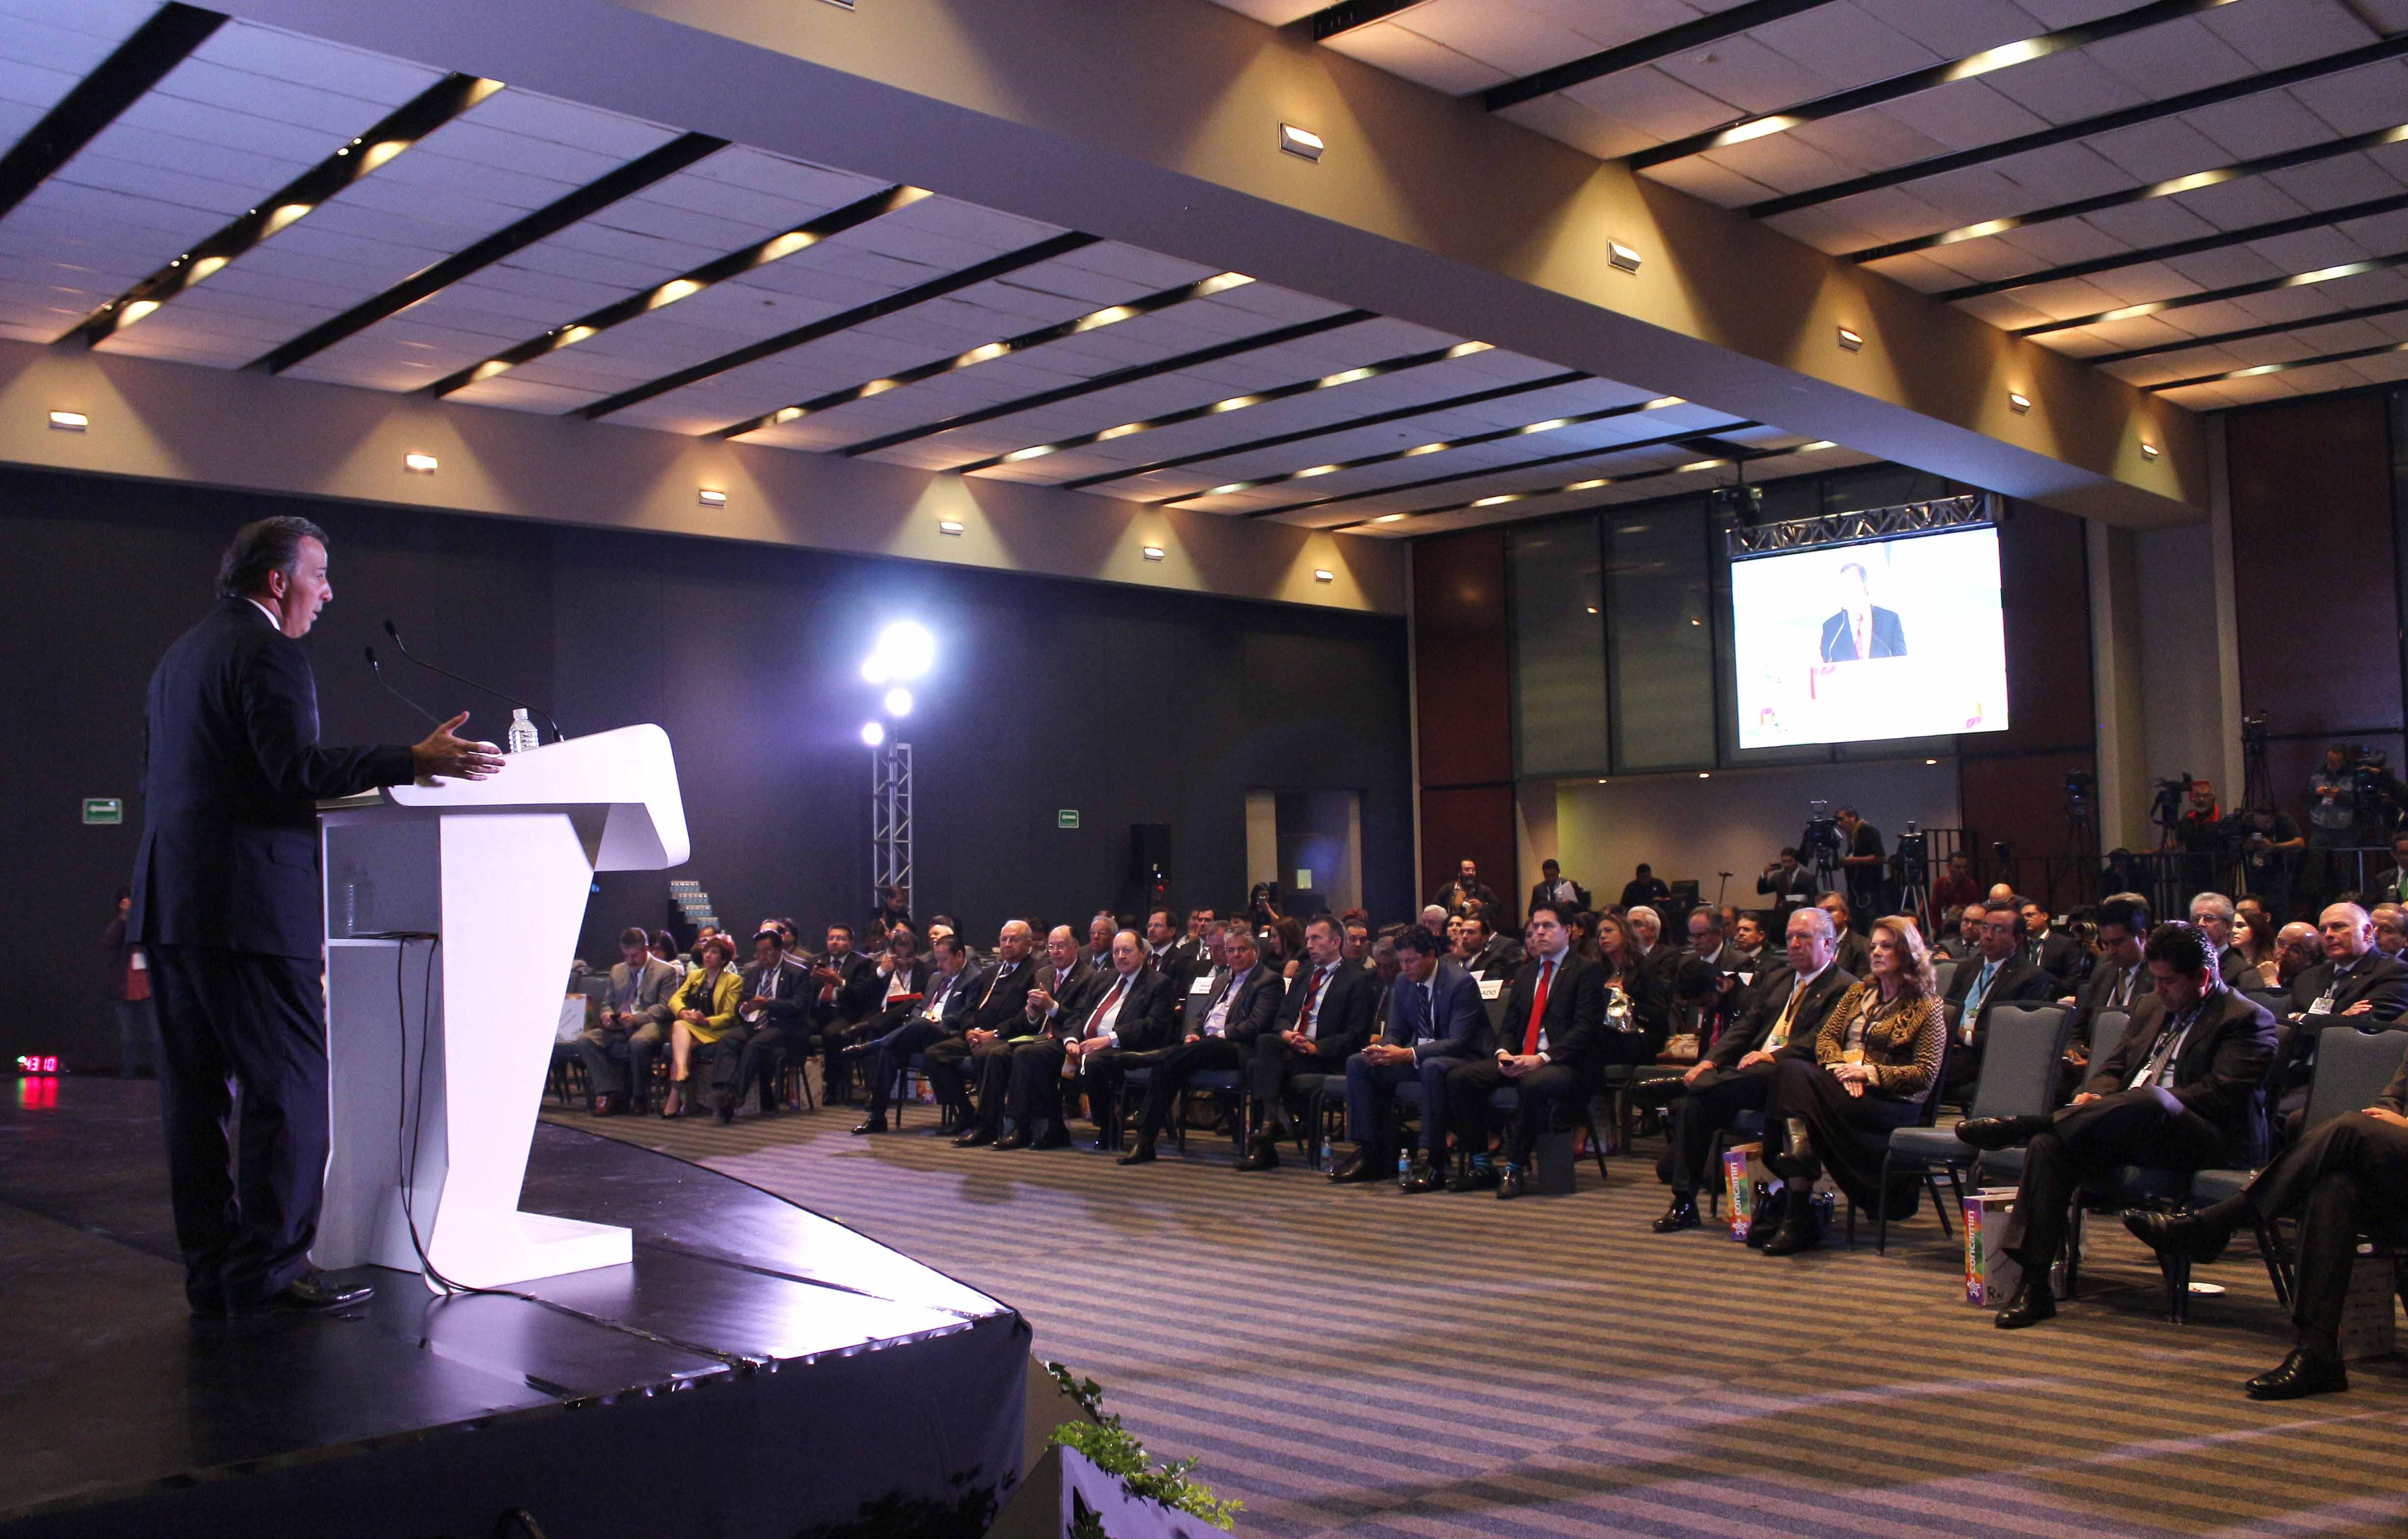 FOTO 2 Secretario Meade durante la Reuni n Anual de Industriales 2015 de la CONCAMIN.jpg